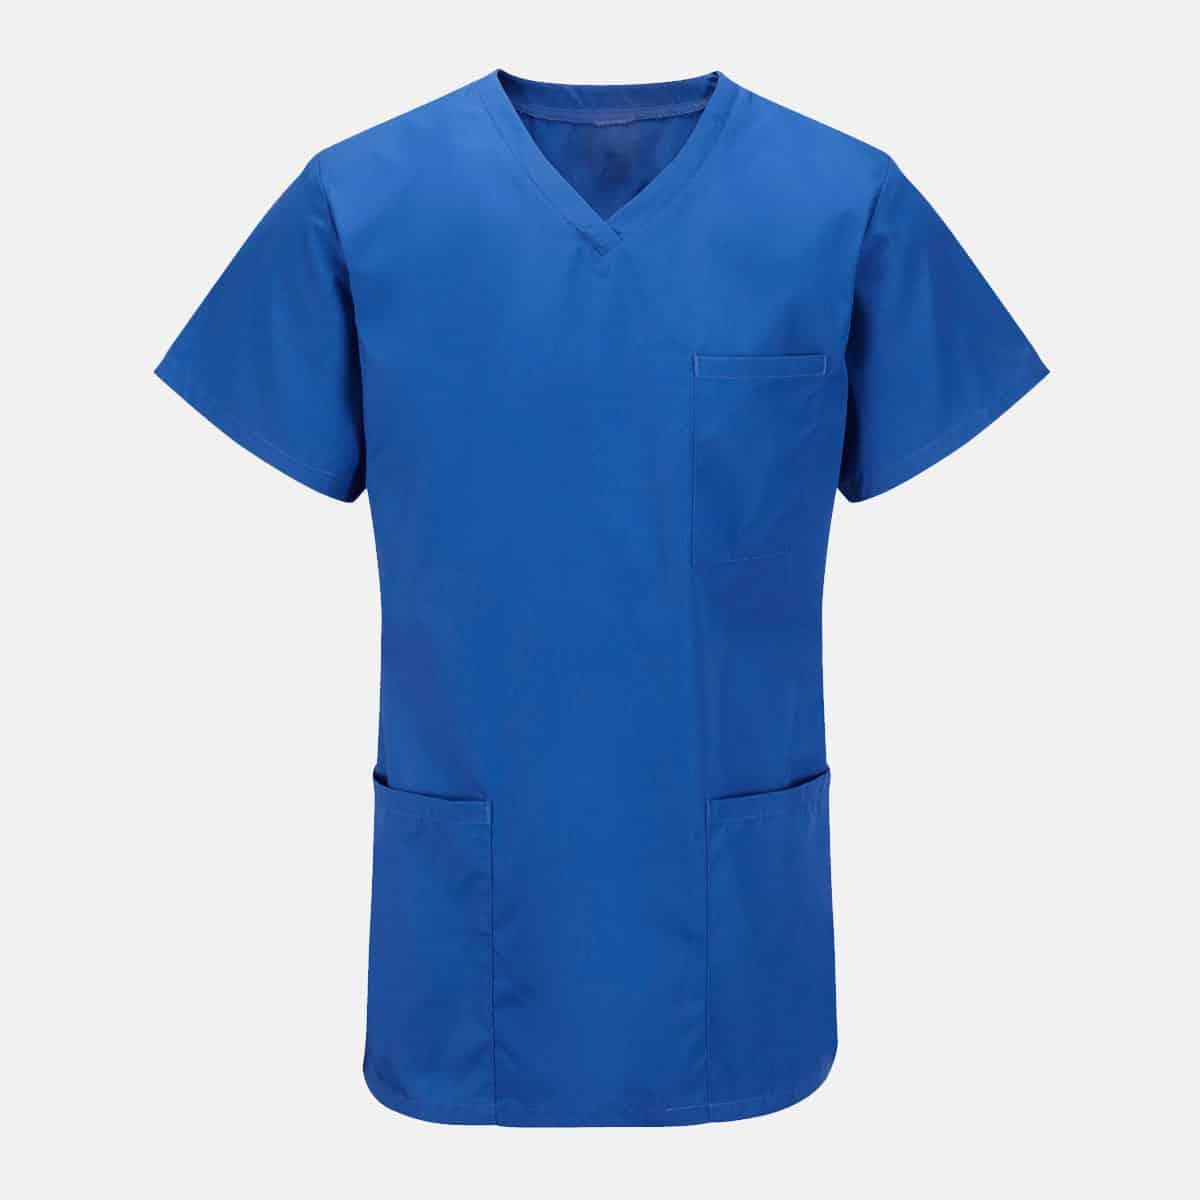 Unisex Short Sleeves V-Neck Scrub Top